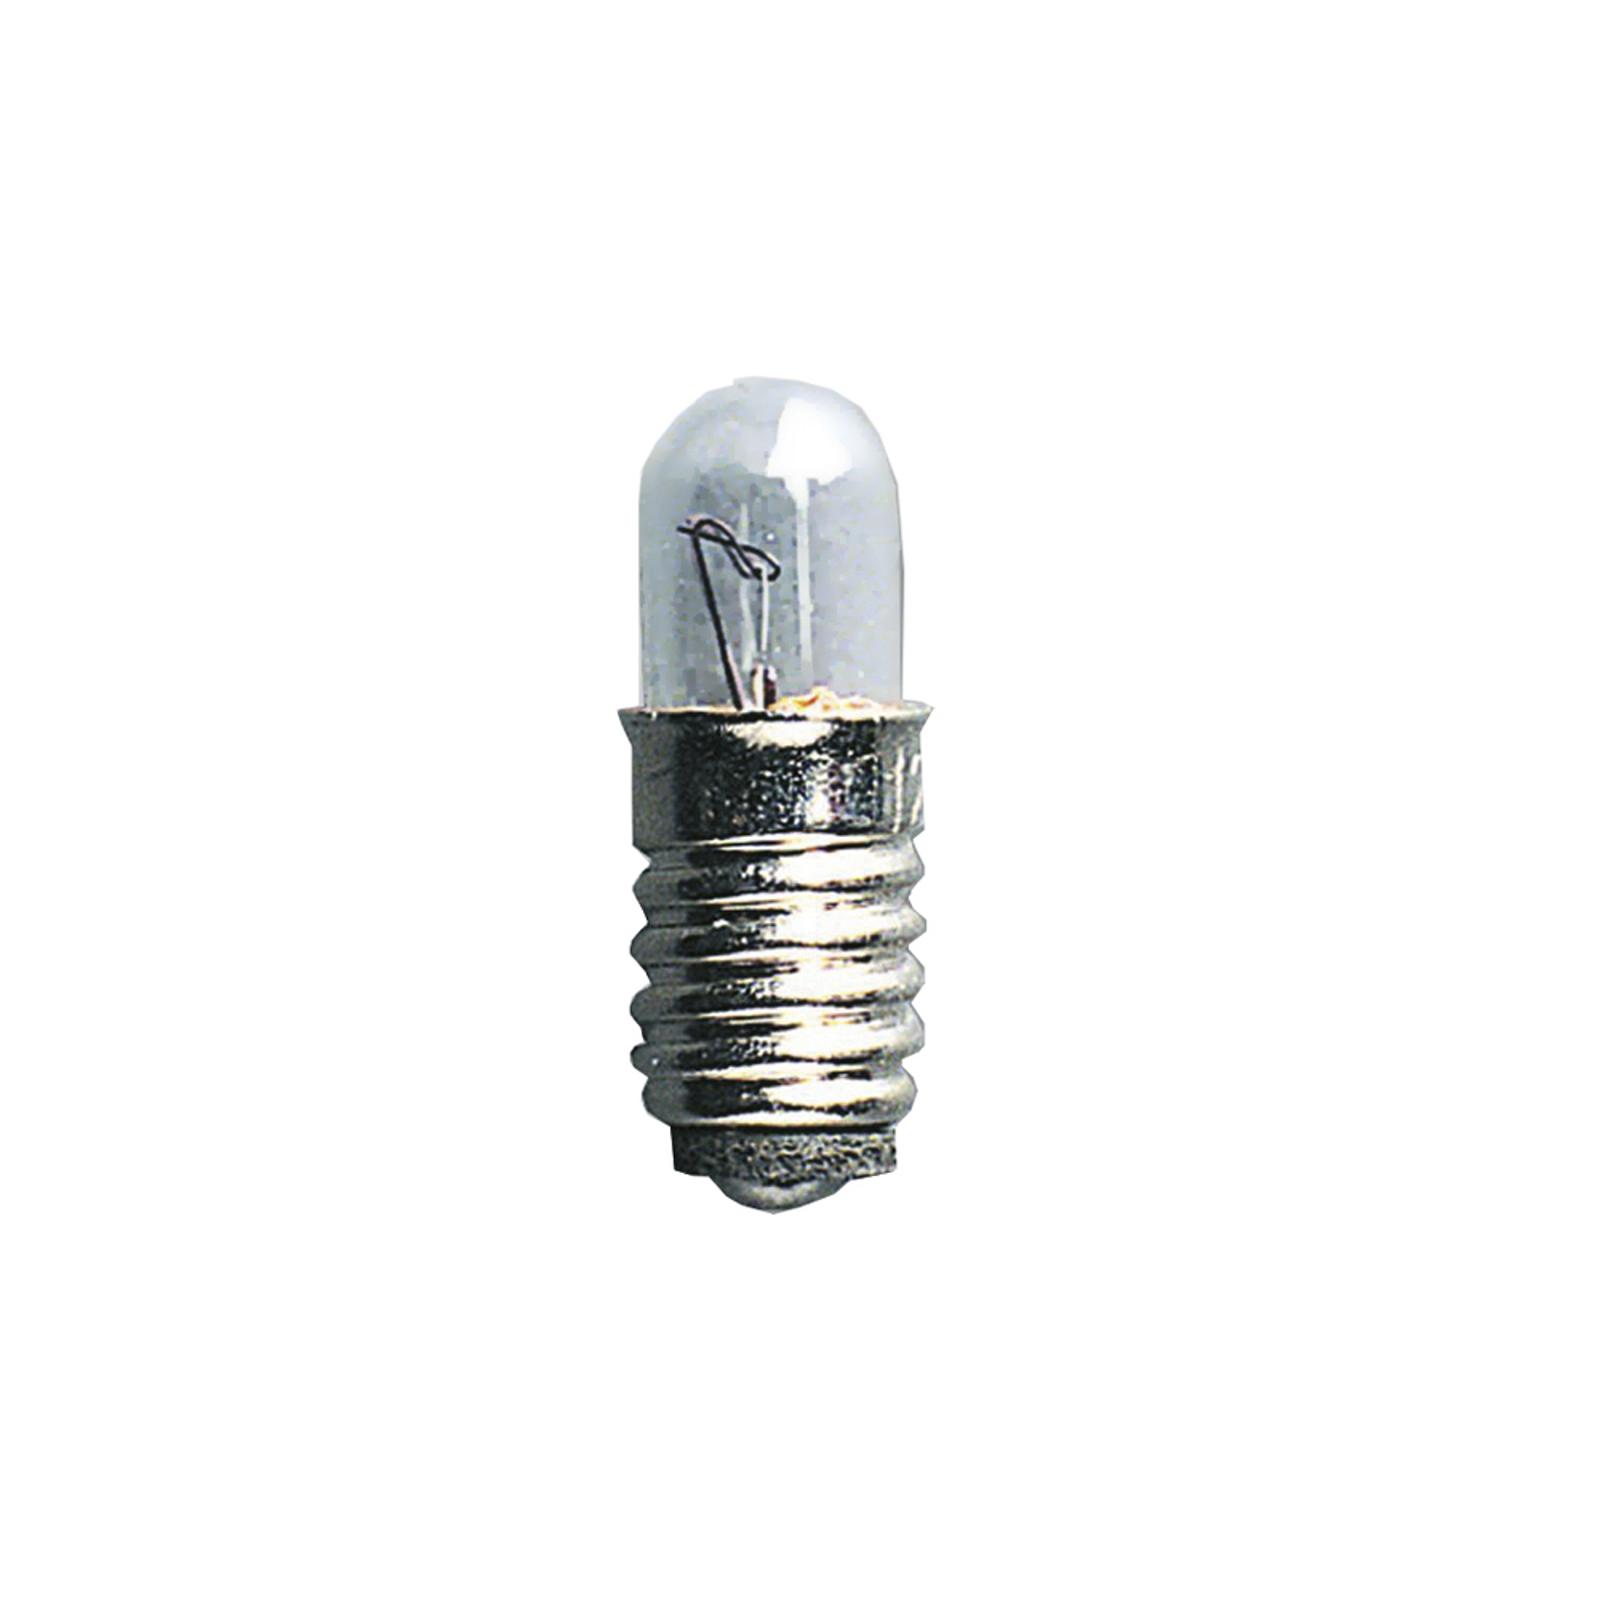 E5 1,2W 12V vaihtolamput ikkunakynttelikköön 5 kpl